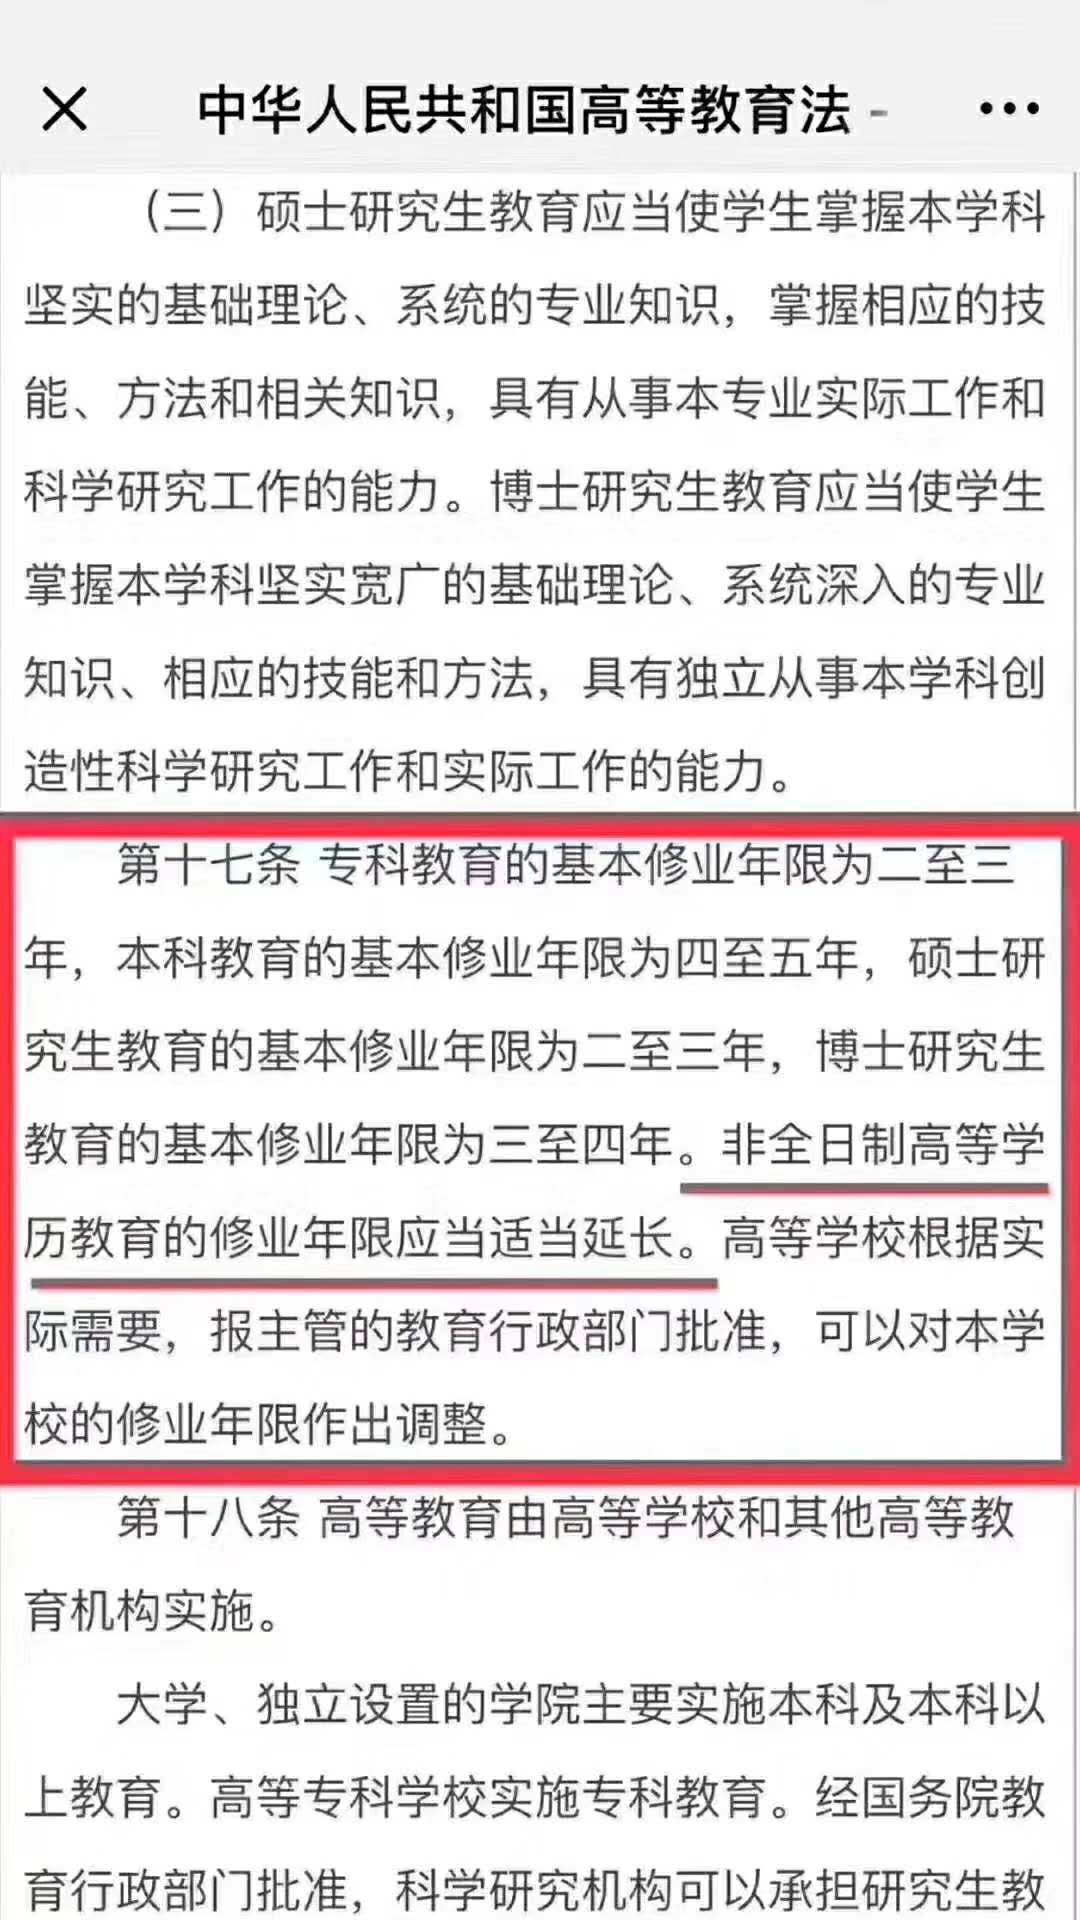 中华人民共和国教育法第十七条